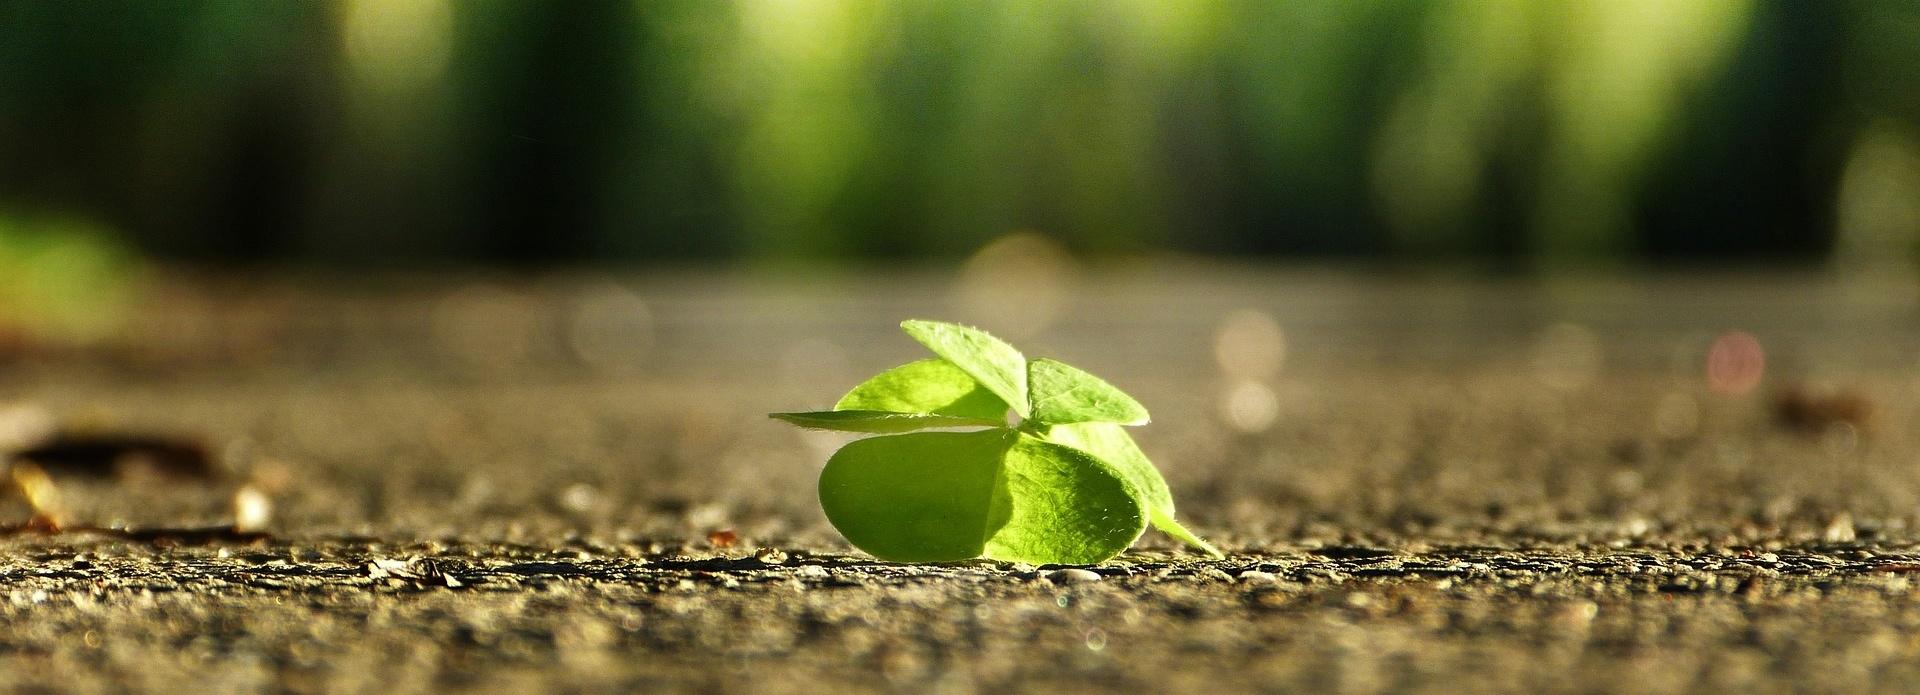 Wir bieten Ihnen nachhaltige - grüne - Versicherungslösungen